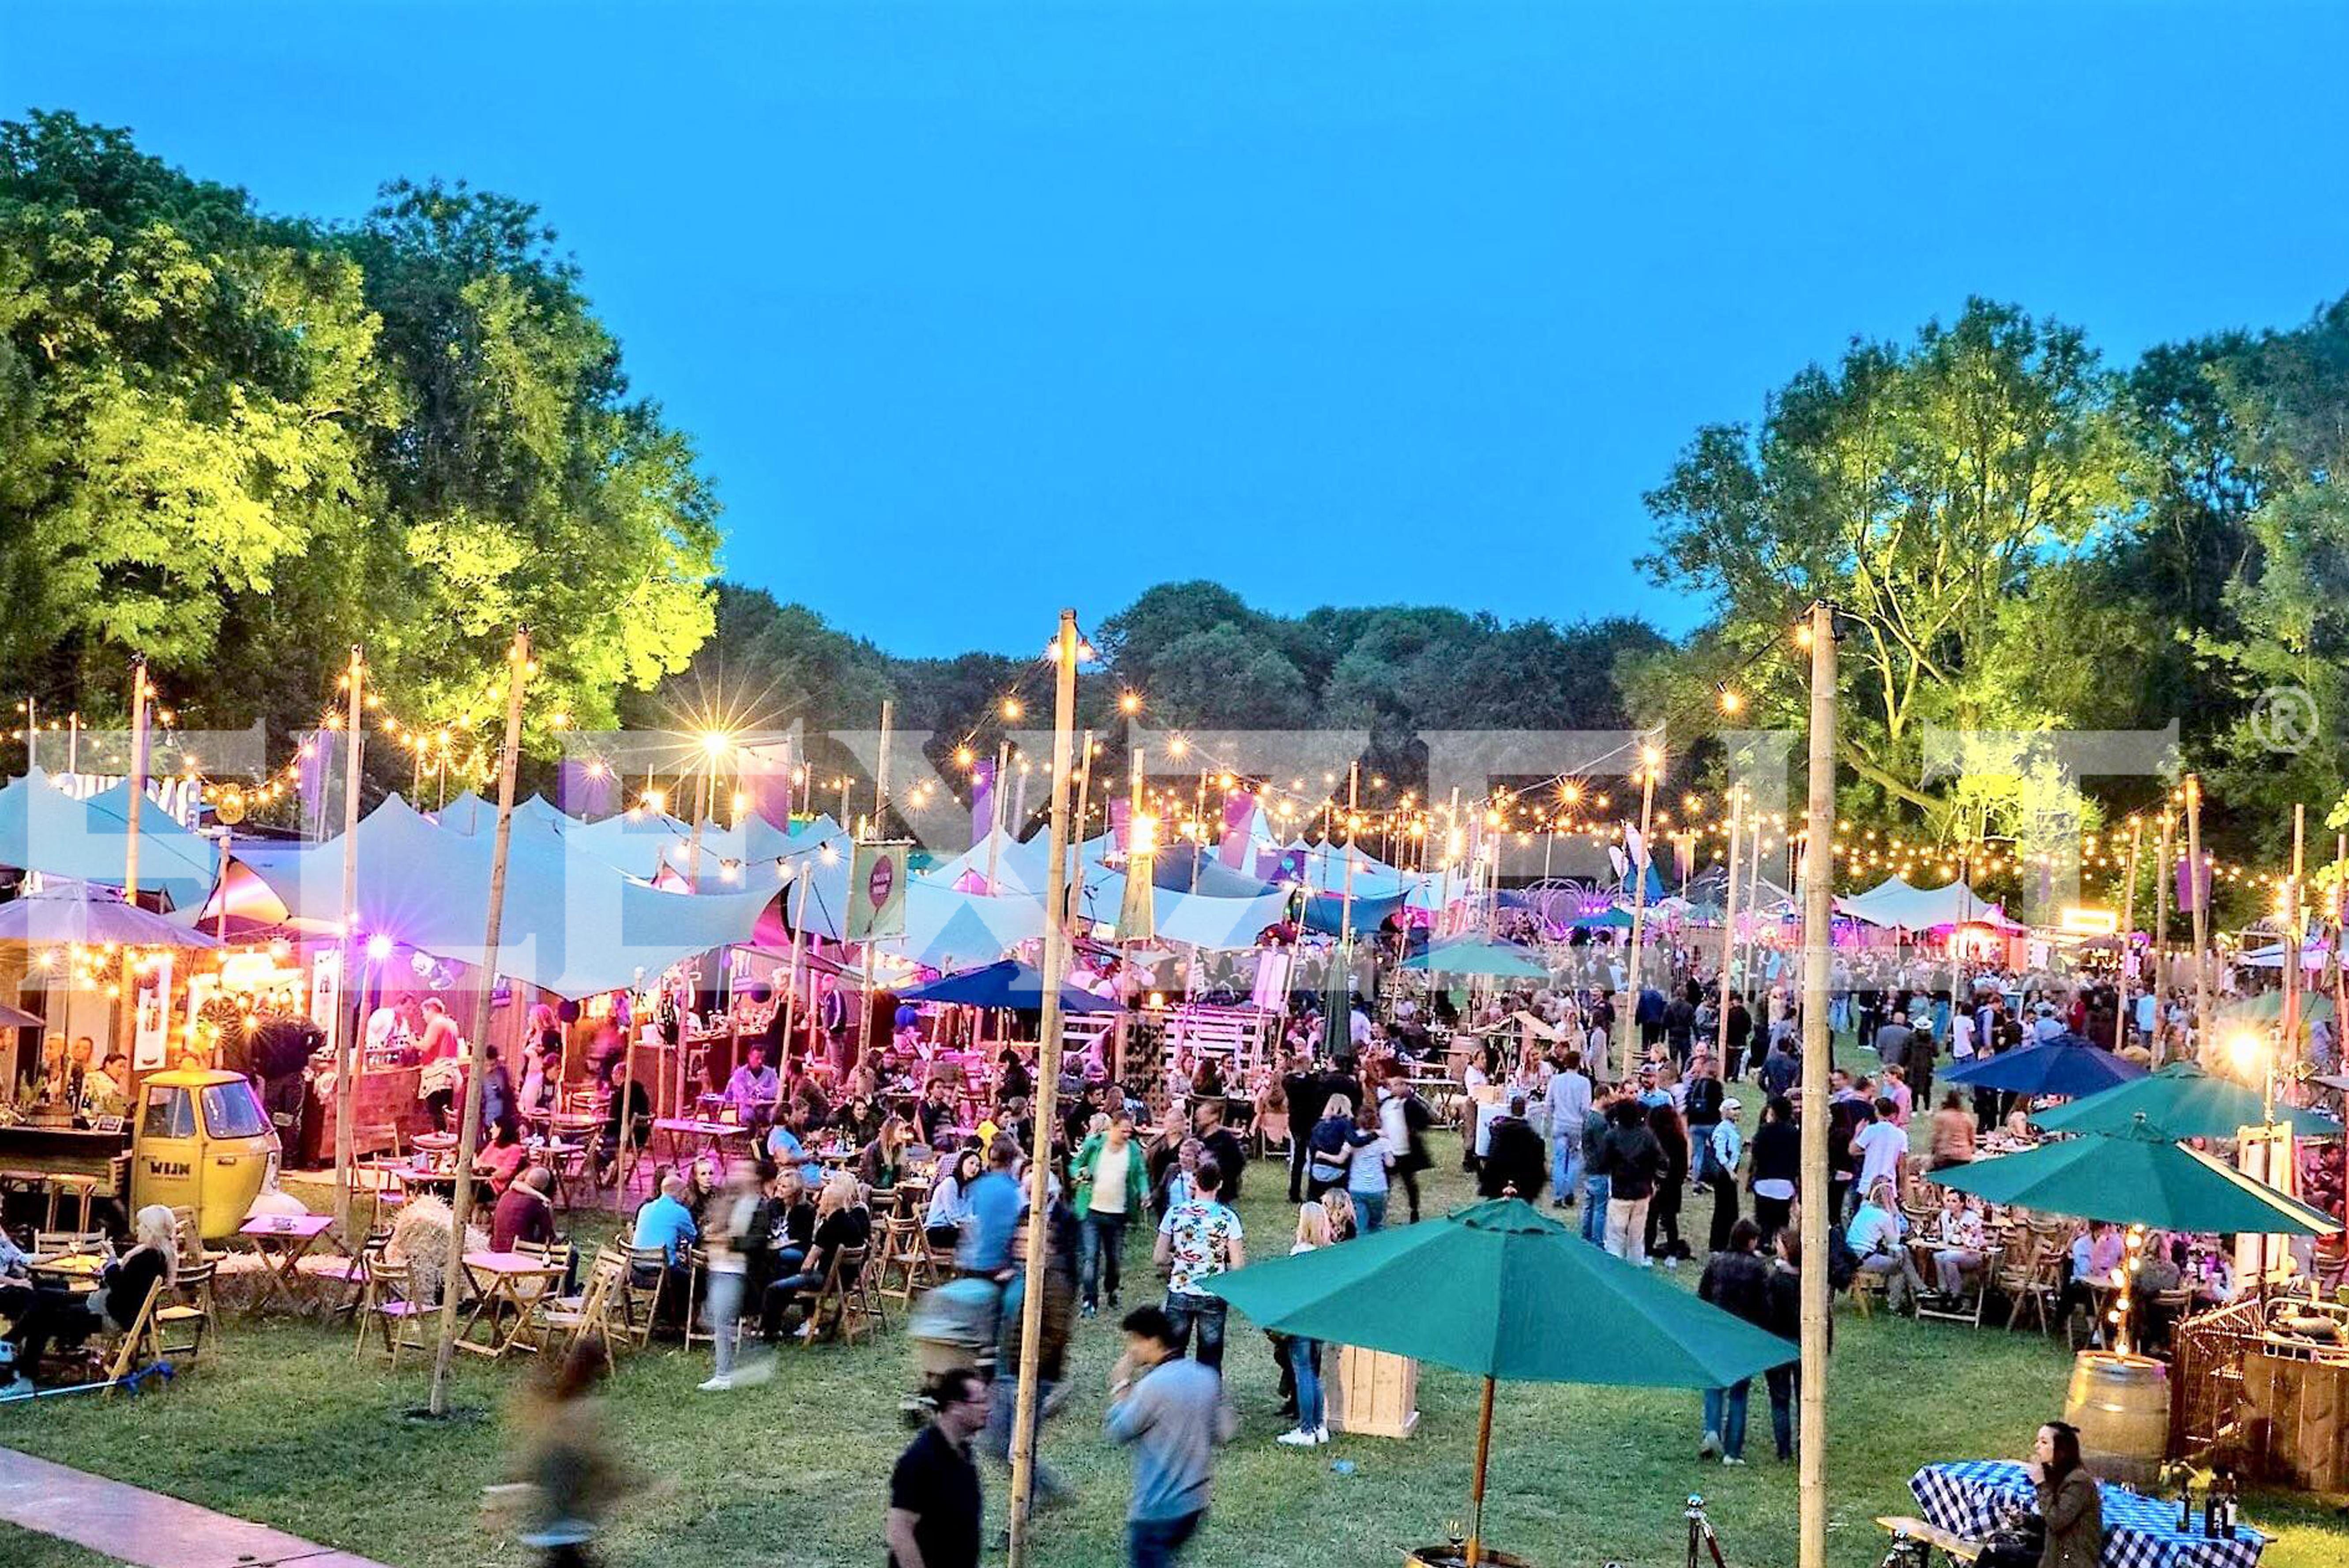 Festival zelt - Flexzelt